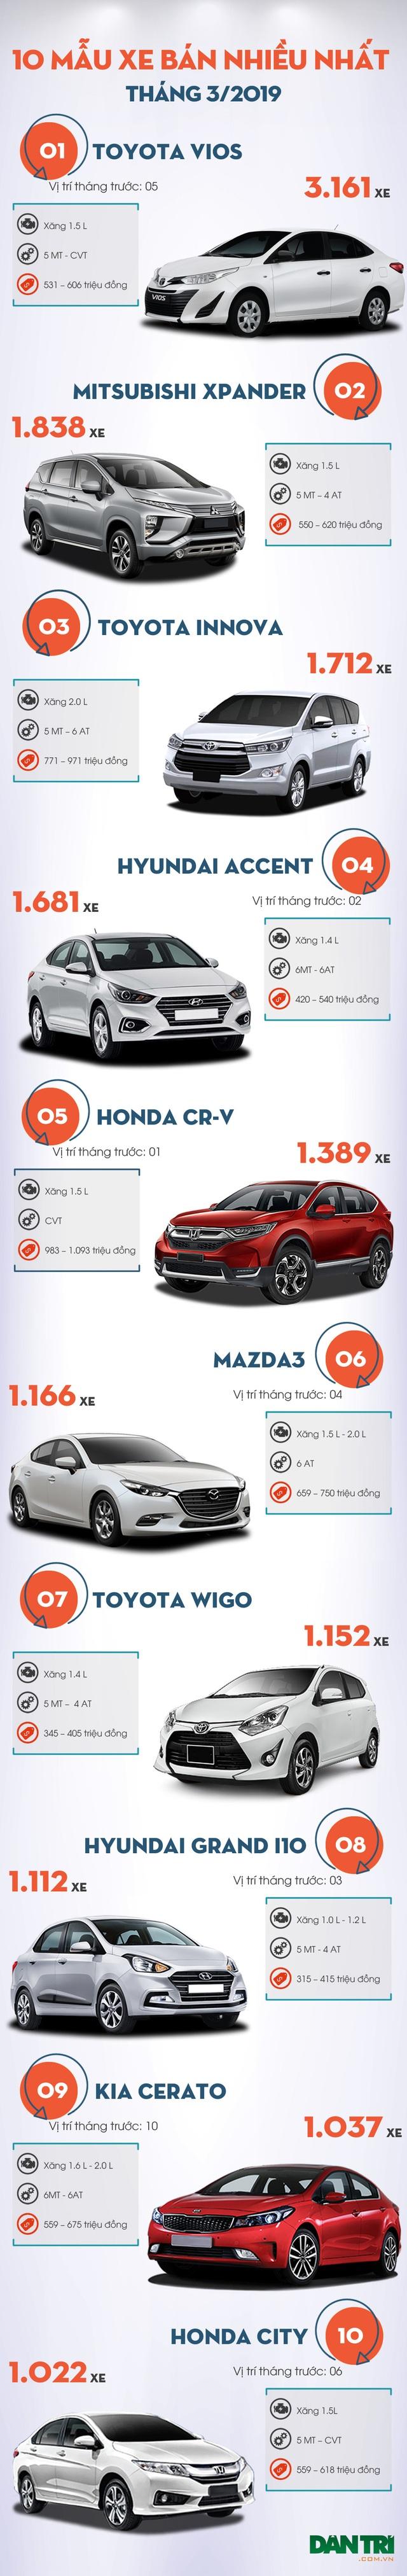 Top 10 mẫu xe bán nhiều nhất tháng 3/2019: Bất ngờ mang tên Mitsubishi Xpander - 3